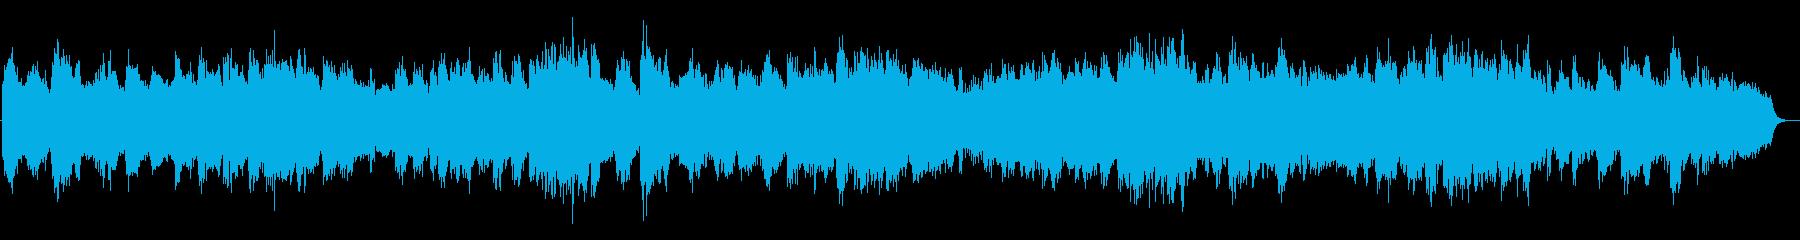 浮遊感のある優しいゆったりBGMの再生済みの波形